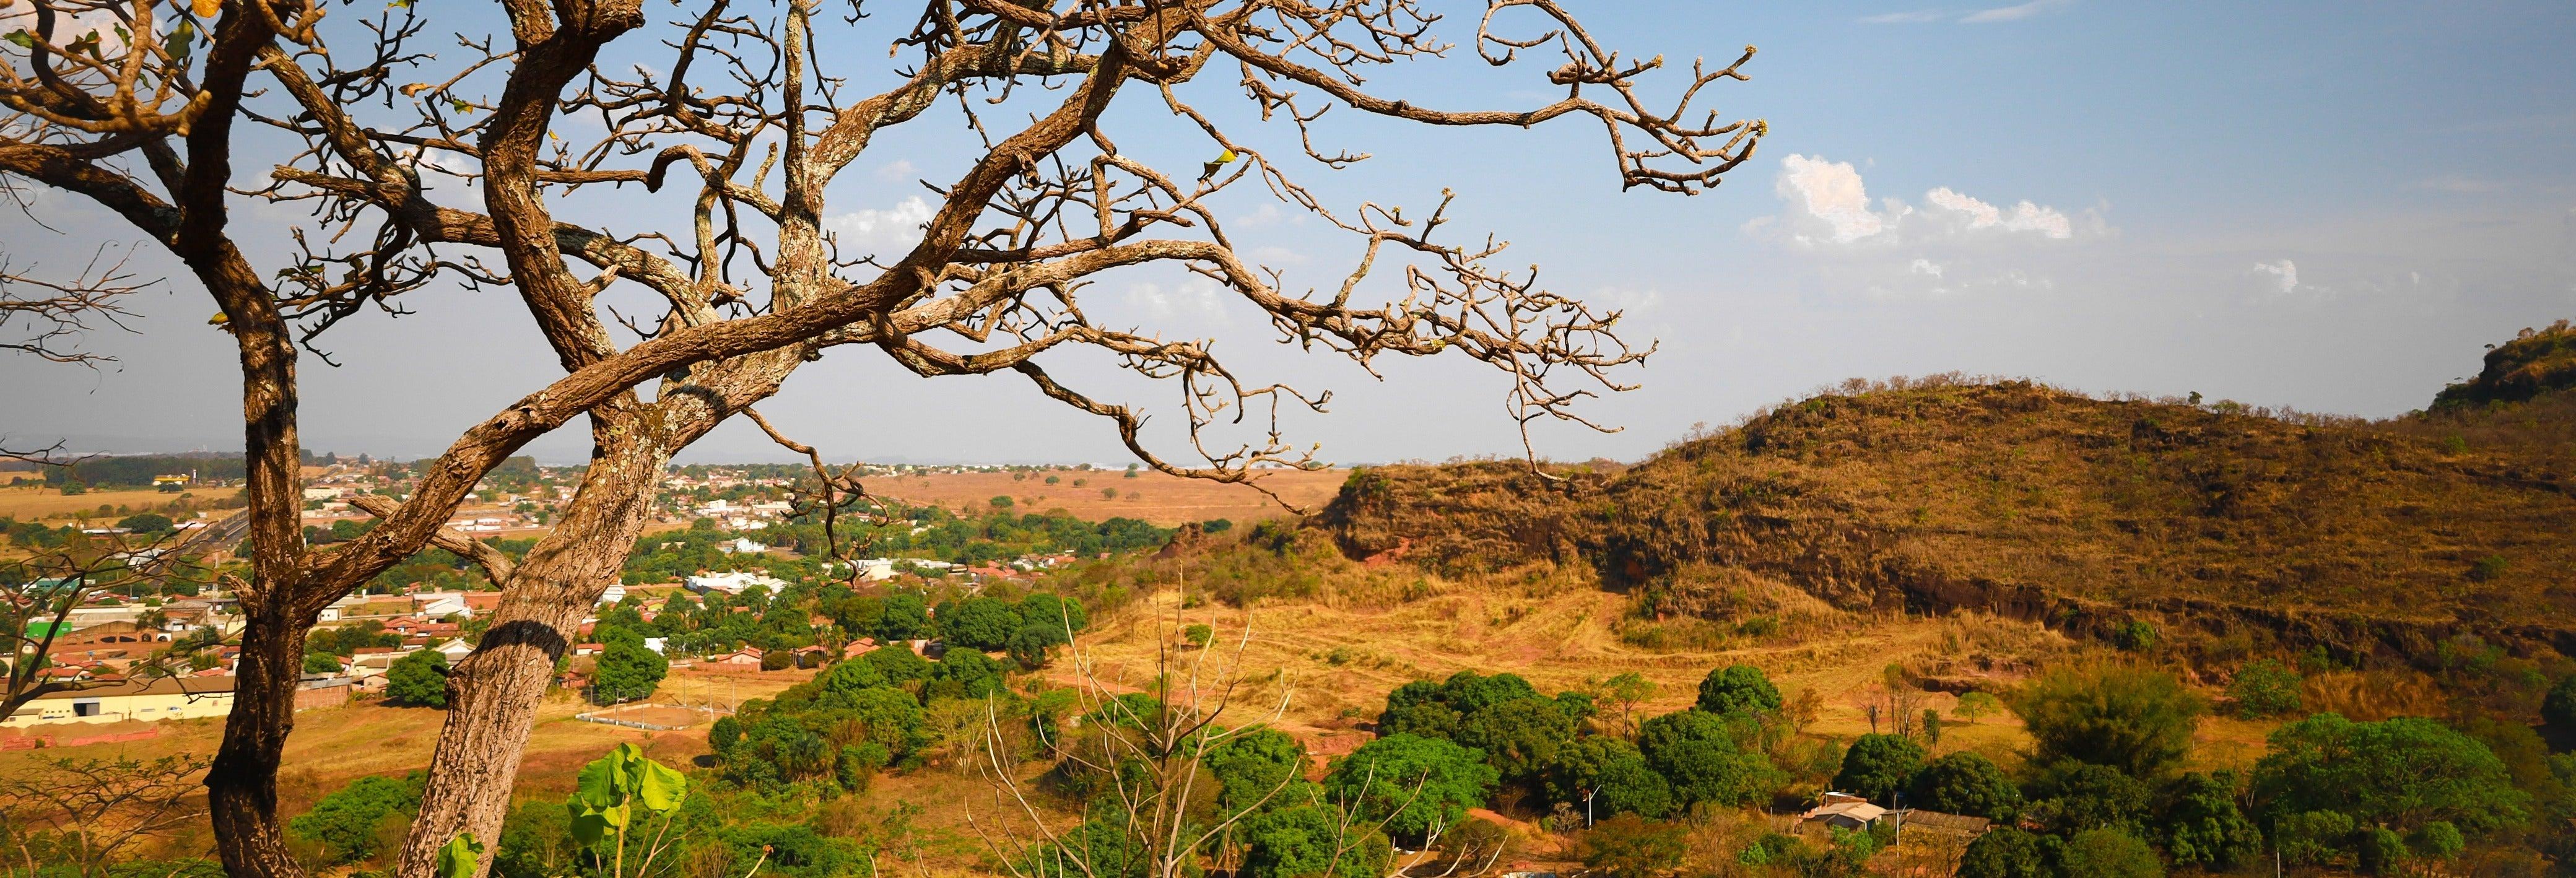 Ilha do Bananal e Parque do Cantão em 3 dias